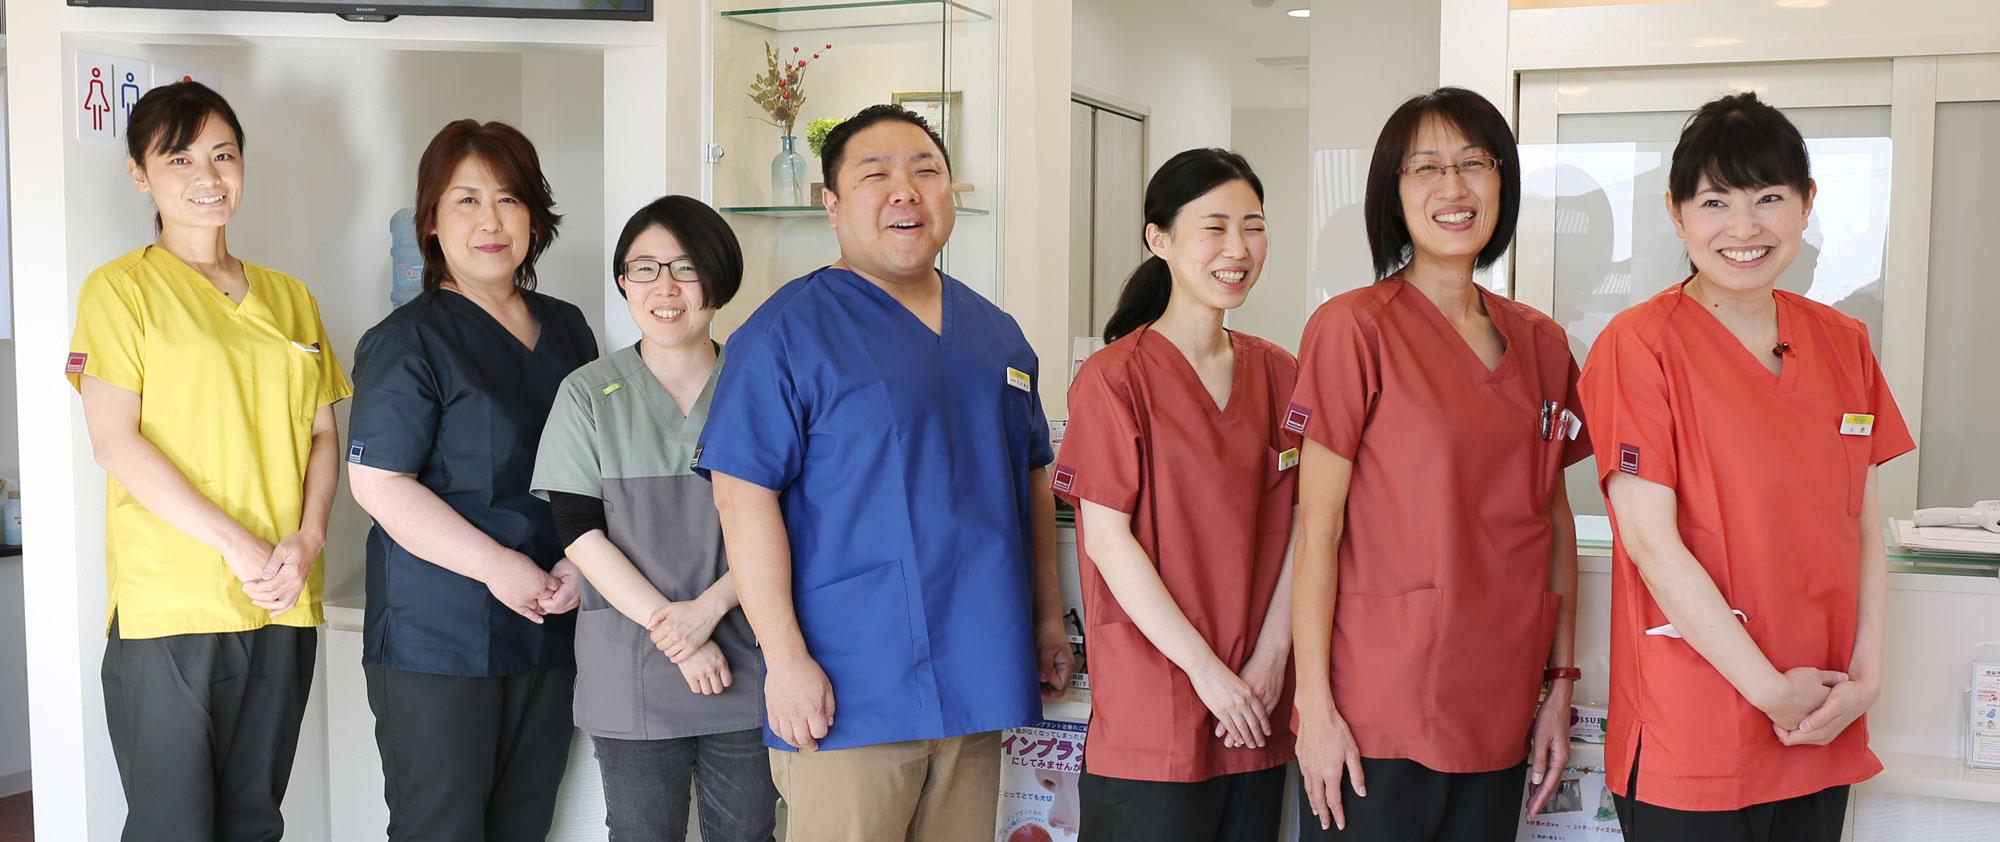 岡山県瀬戸内市内の歯医者 おさふねフレンド歯科 スタッフ一同